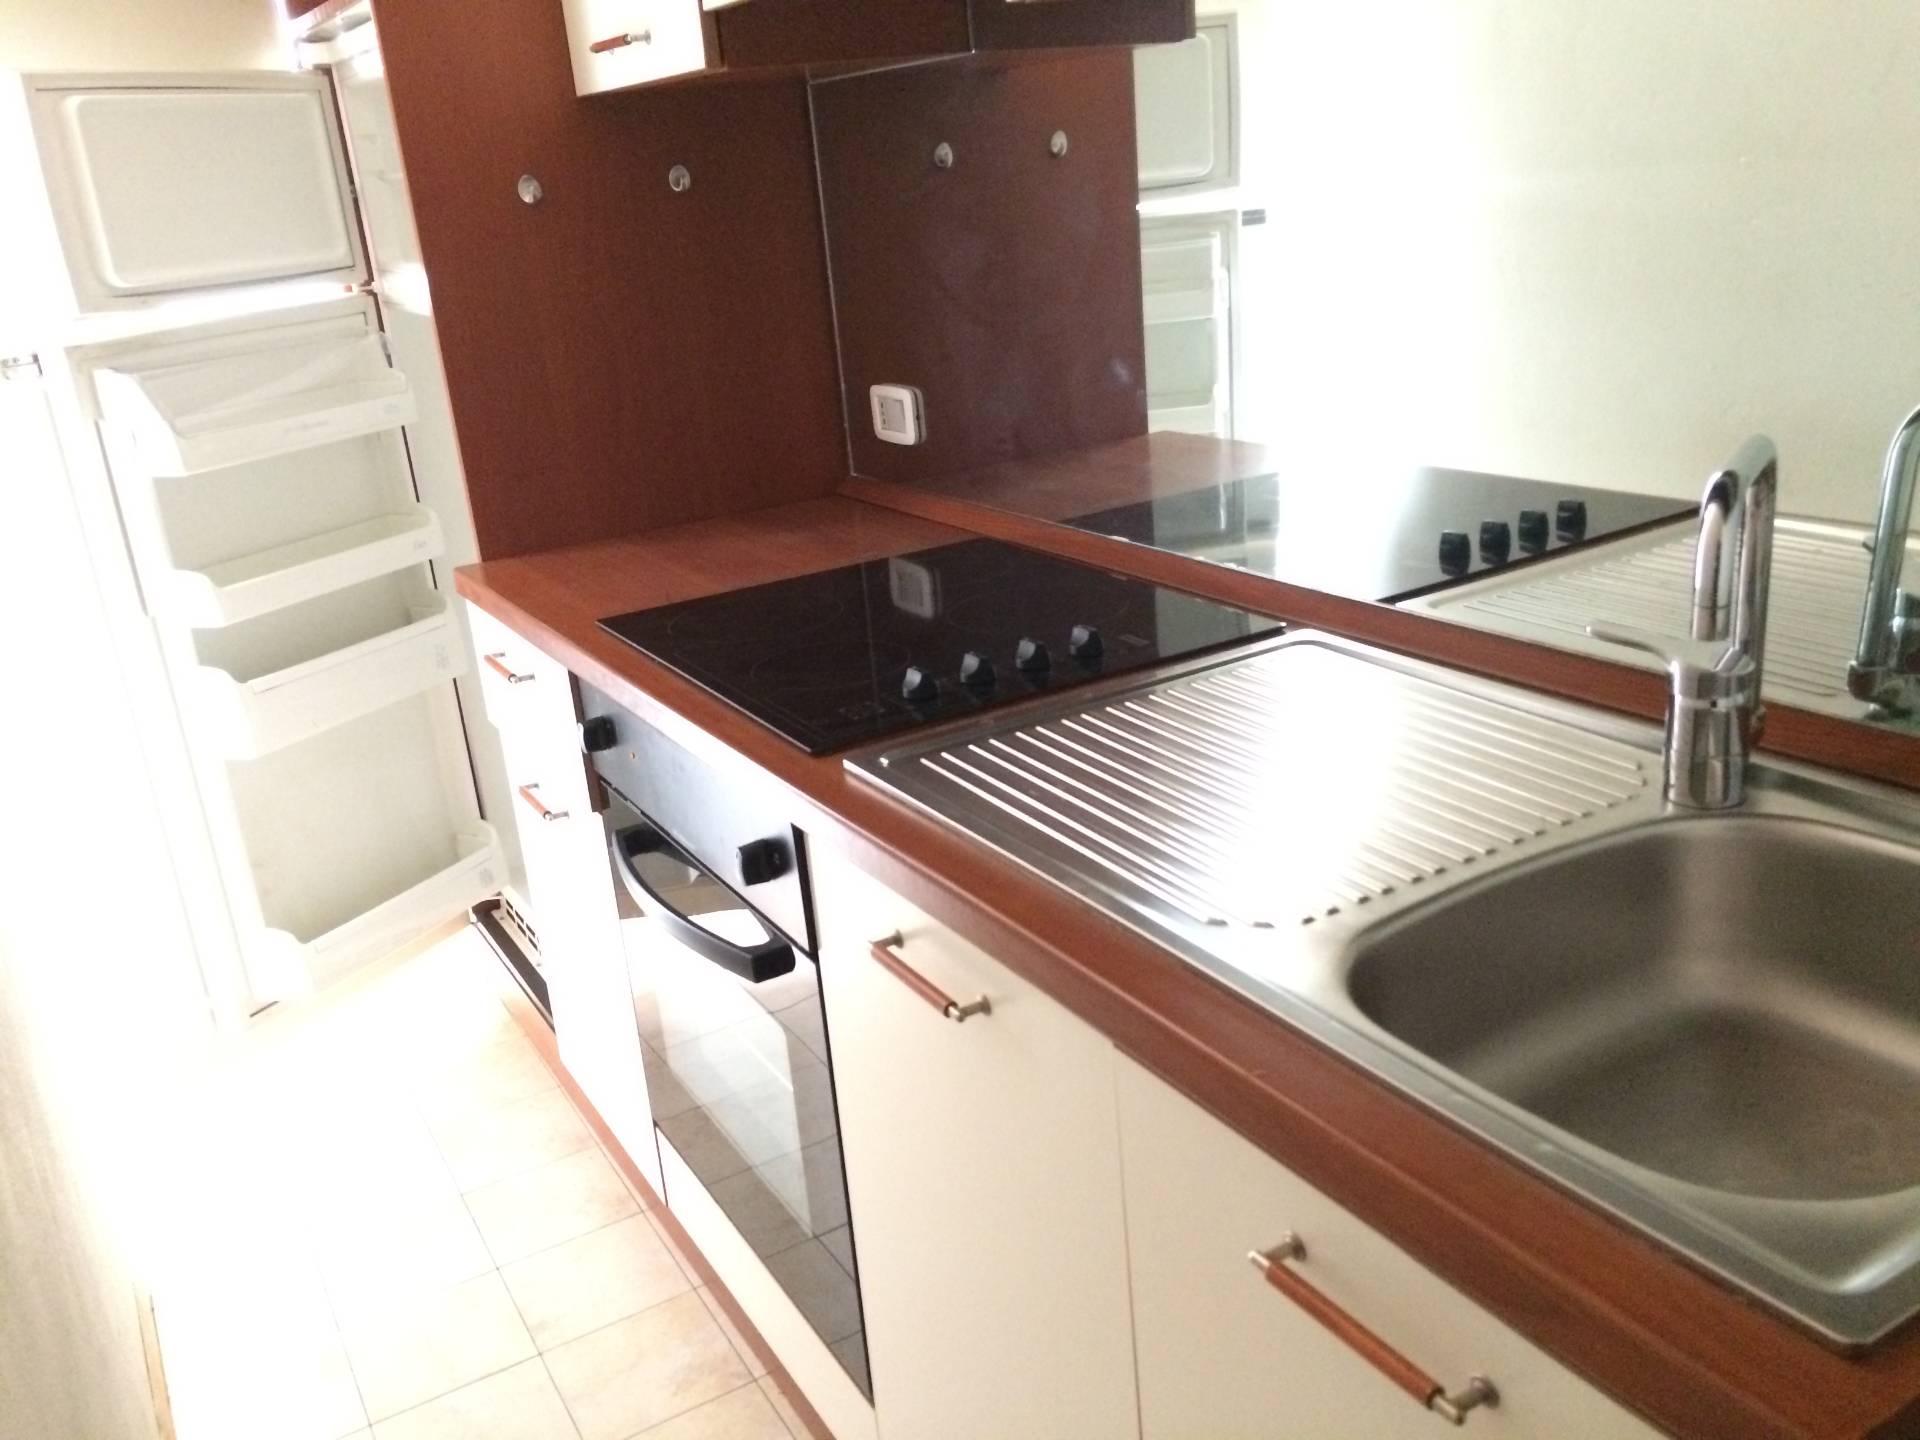 Appartamento in affitto a Novara, 2 locali, zona Zona: Centro, prezzo € 380 | CambioCasa.it